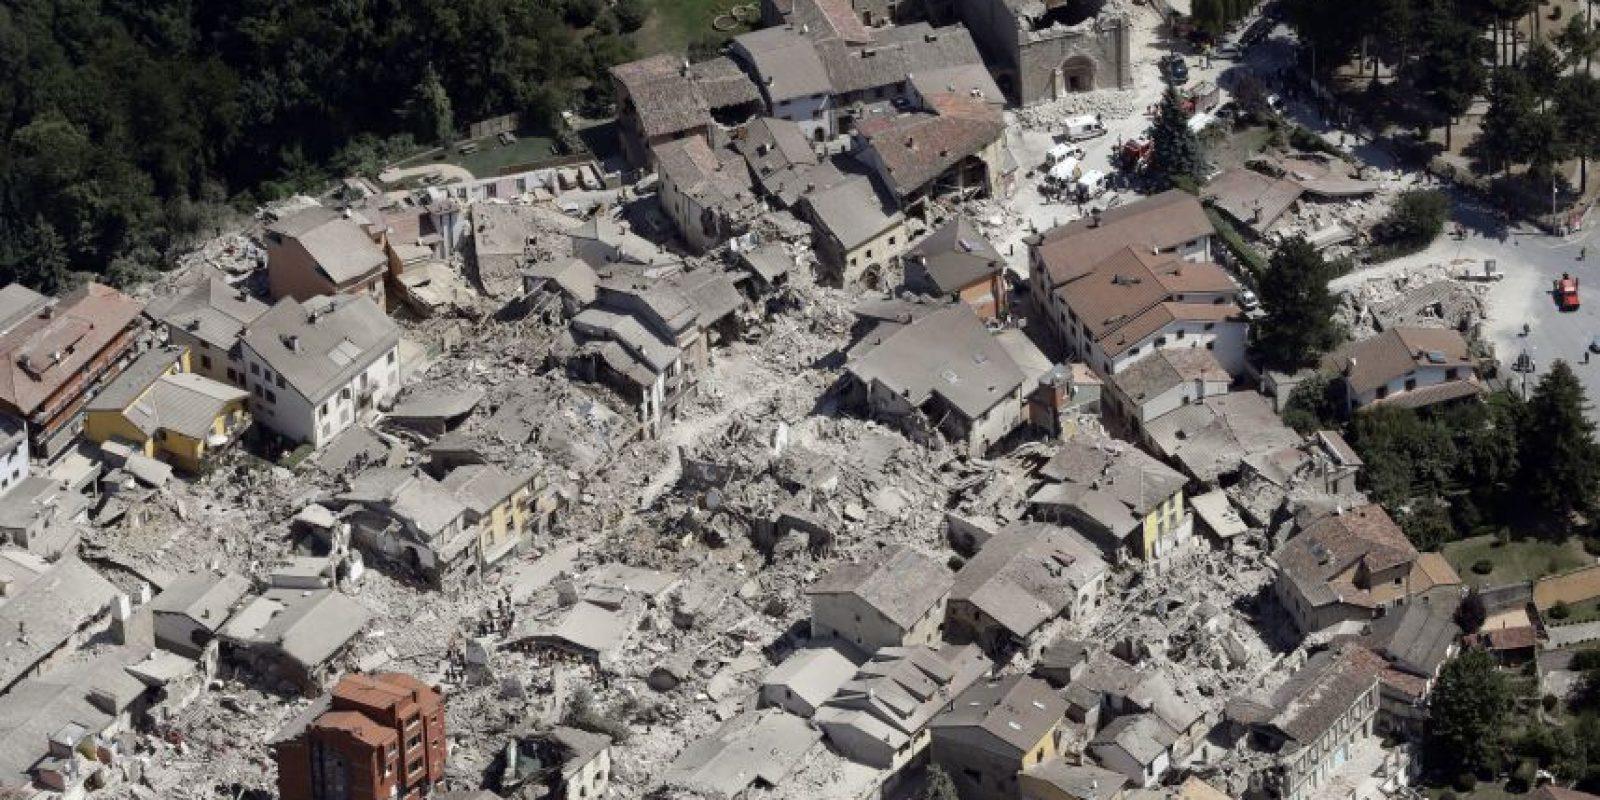 Esta foto aérea muestra la parte histórica de la ciudad de Amatrice, en el centro de Italia, después del terremoto. El sismo de magnitud 6.2 se produjo a las 3: 36 a.m. y se sintió en una amplia franja del centro de Italia, incluyendo Roma, donde los residentes sintieron un vaivén largo, seguido por réplicas. Foto:AP. Imagen Por: